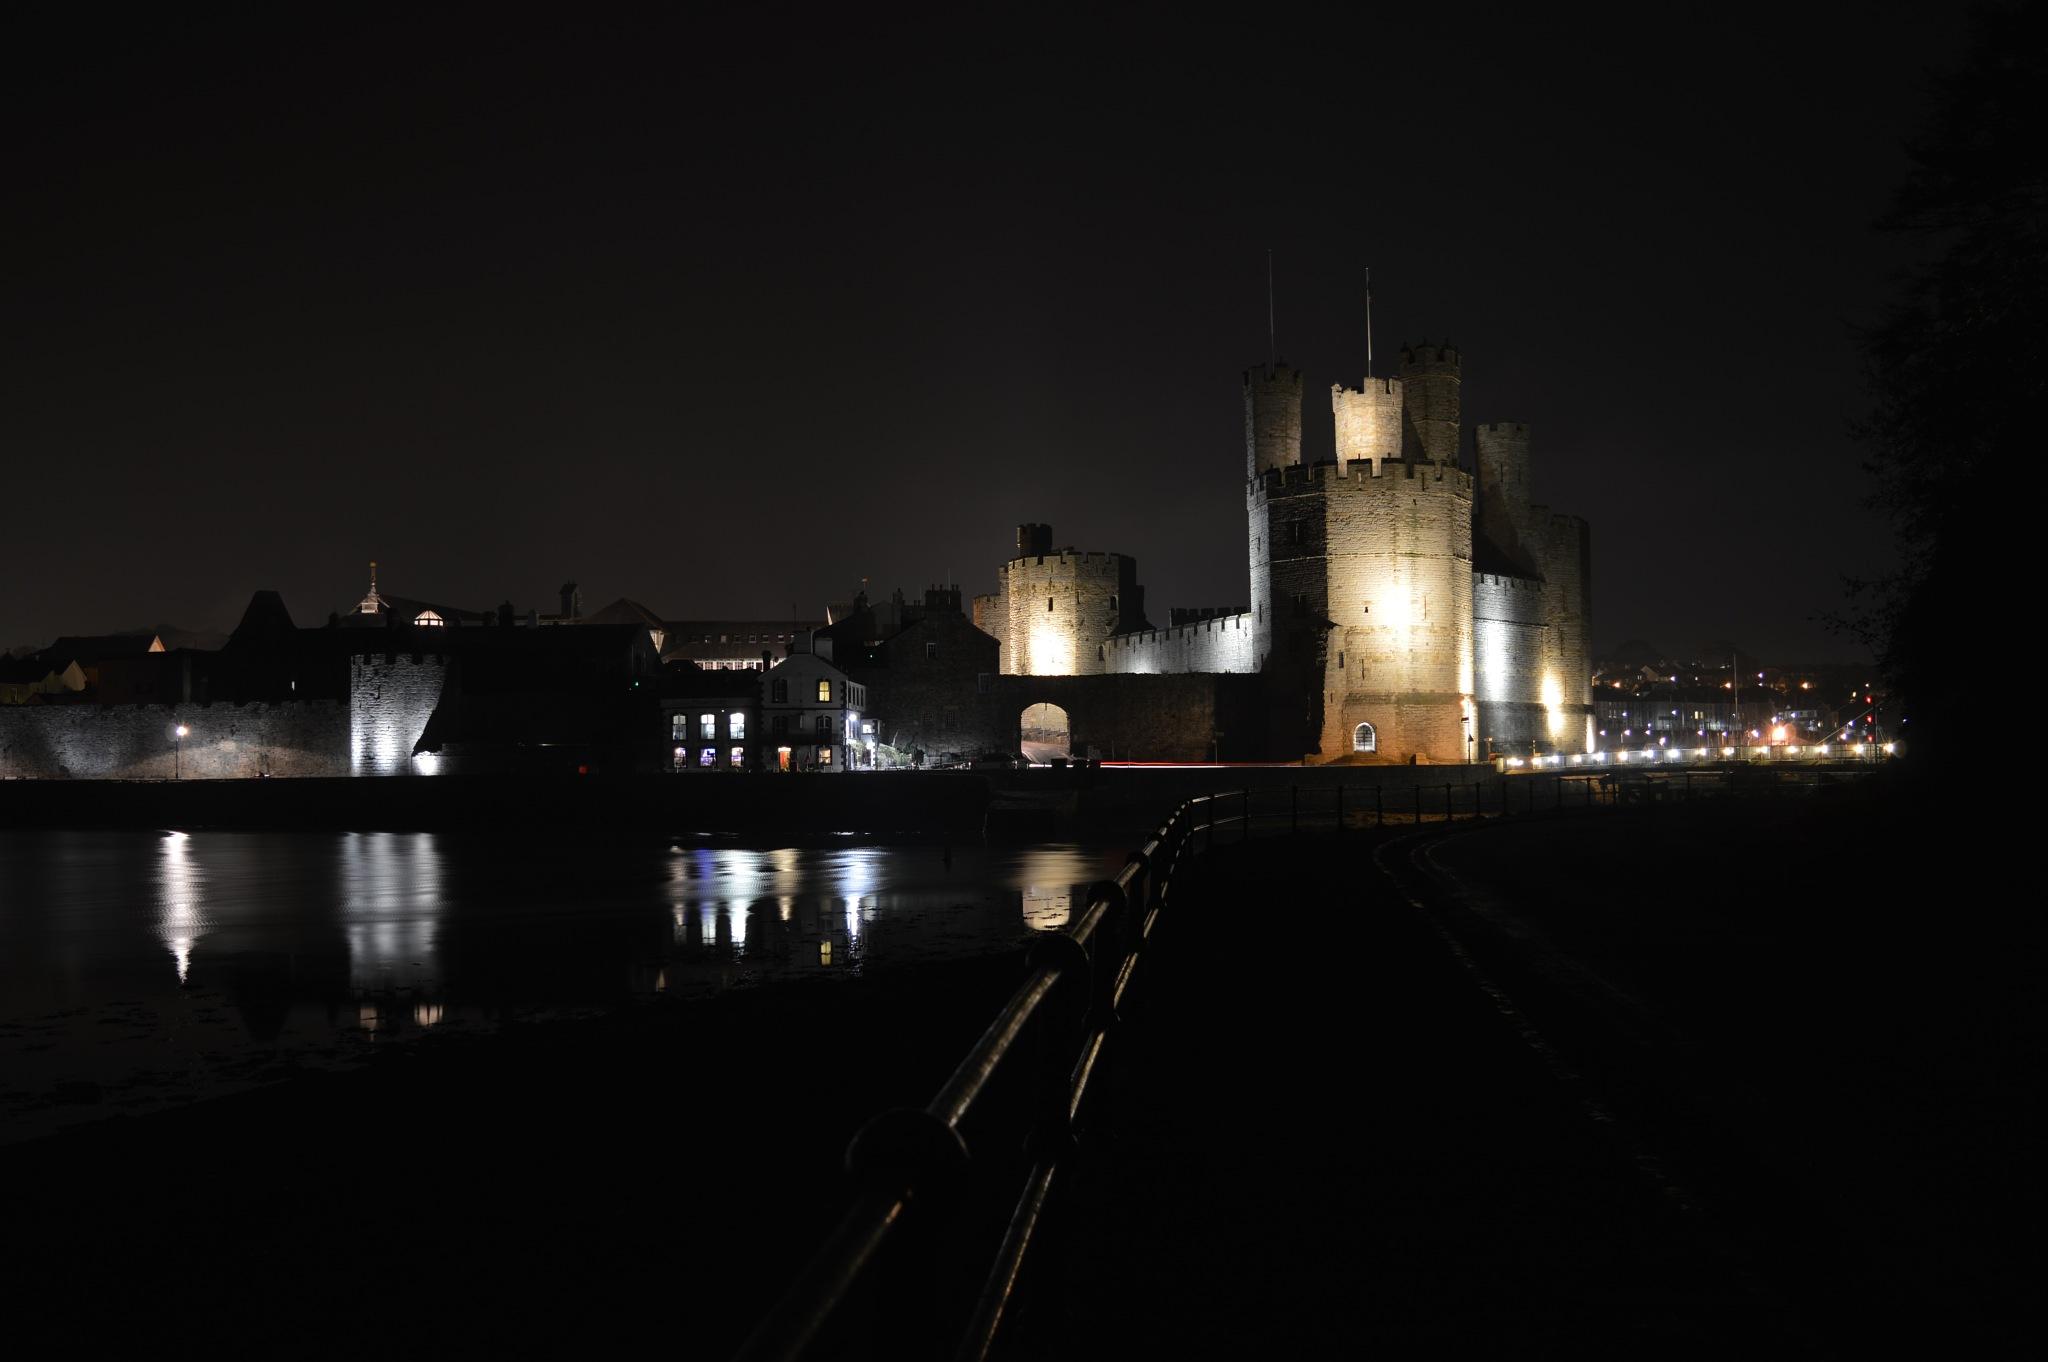 Caernafon Castle by night by adrian.williams.58323